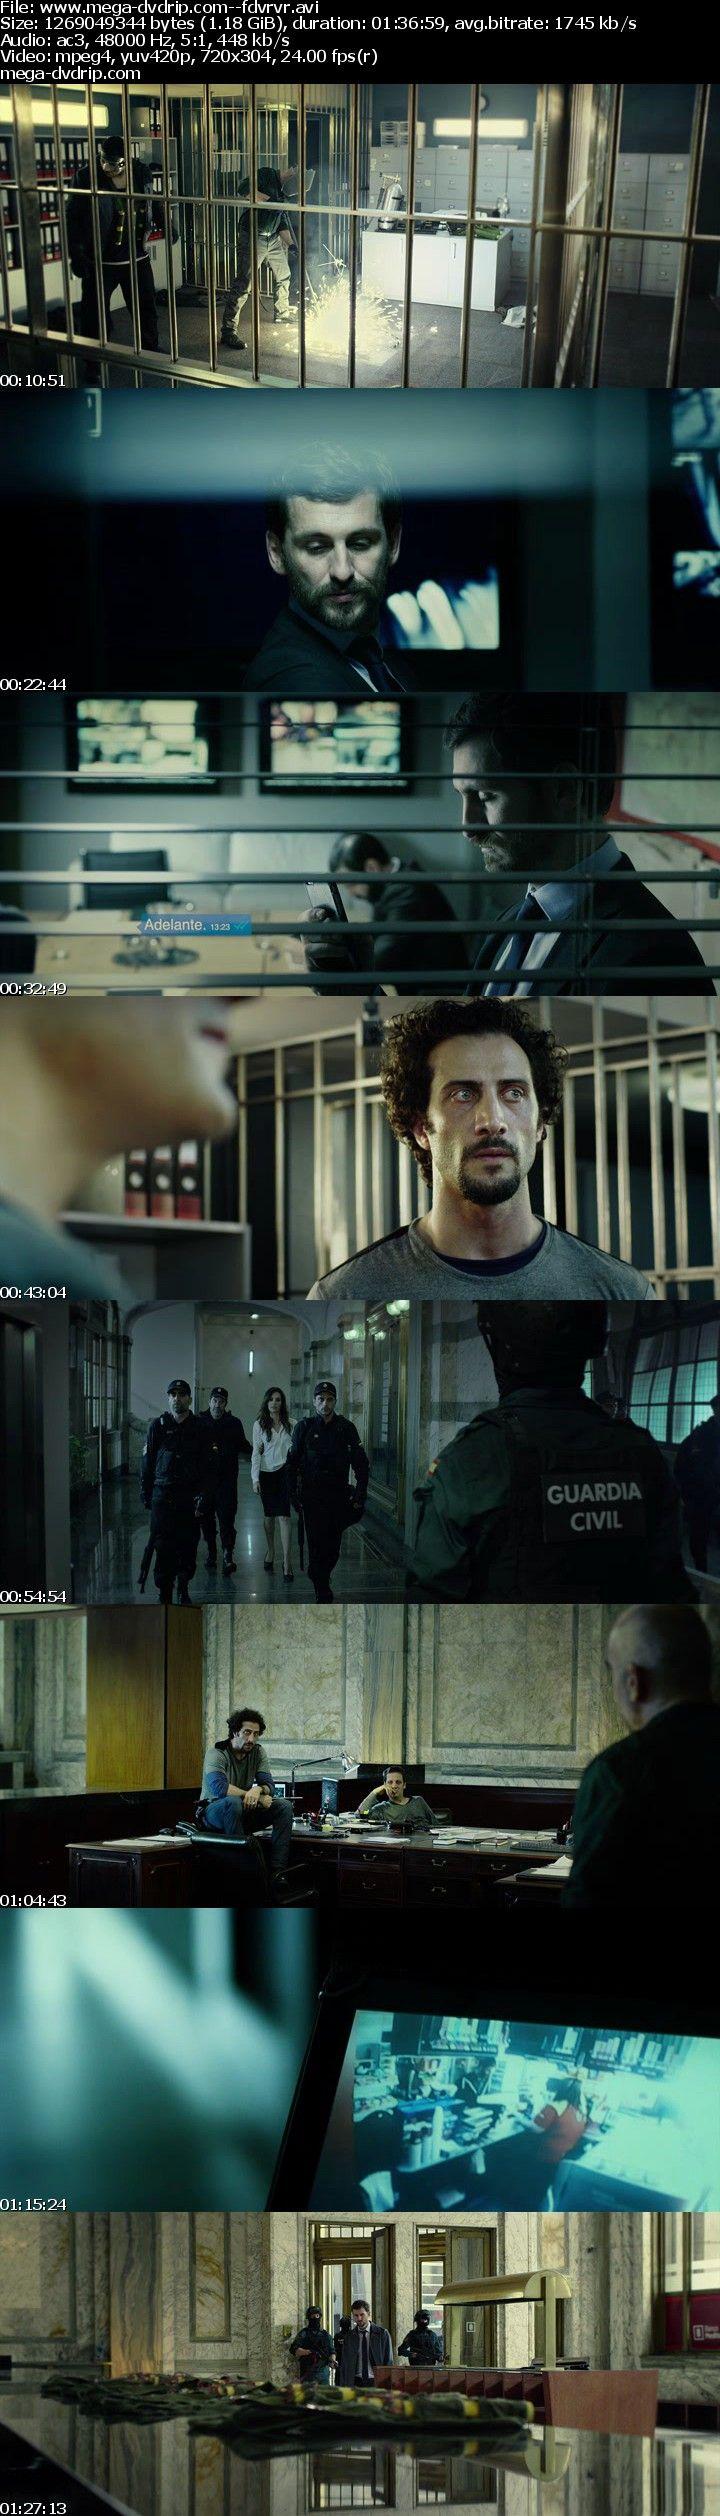 """Una mañana lluviosa, seis hombres disfrazados y armados asaltan la sede central de un banco en Valencia. Lo que parecía un robo limpio y fácil pronto se complica, y nada saldrá como estaba planeado. Esto provoca desconfianza y enfrentamiento entre los dos líderes de la banda, """"El Uruguayo"""" y """"El..."""